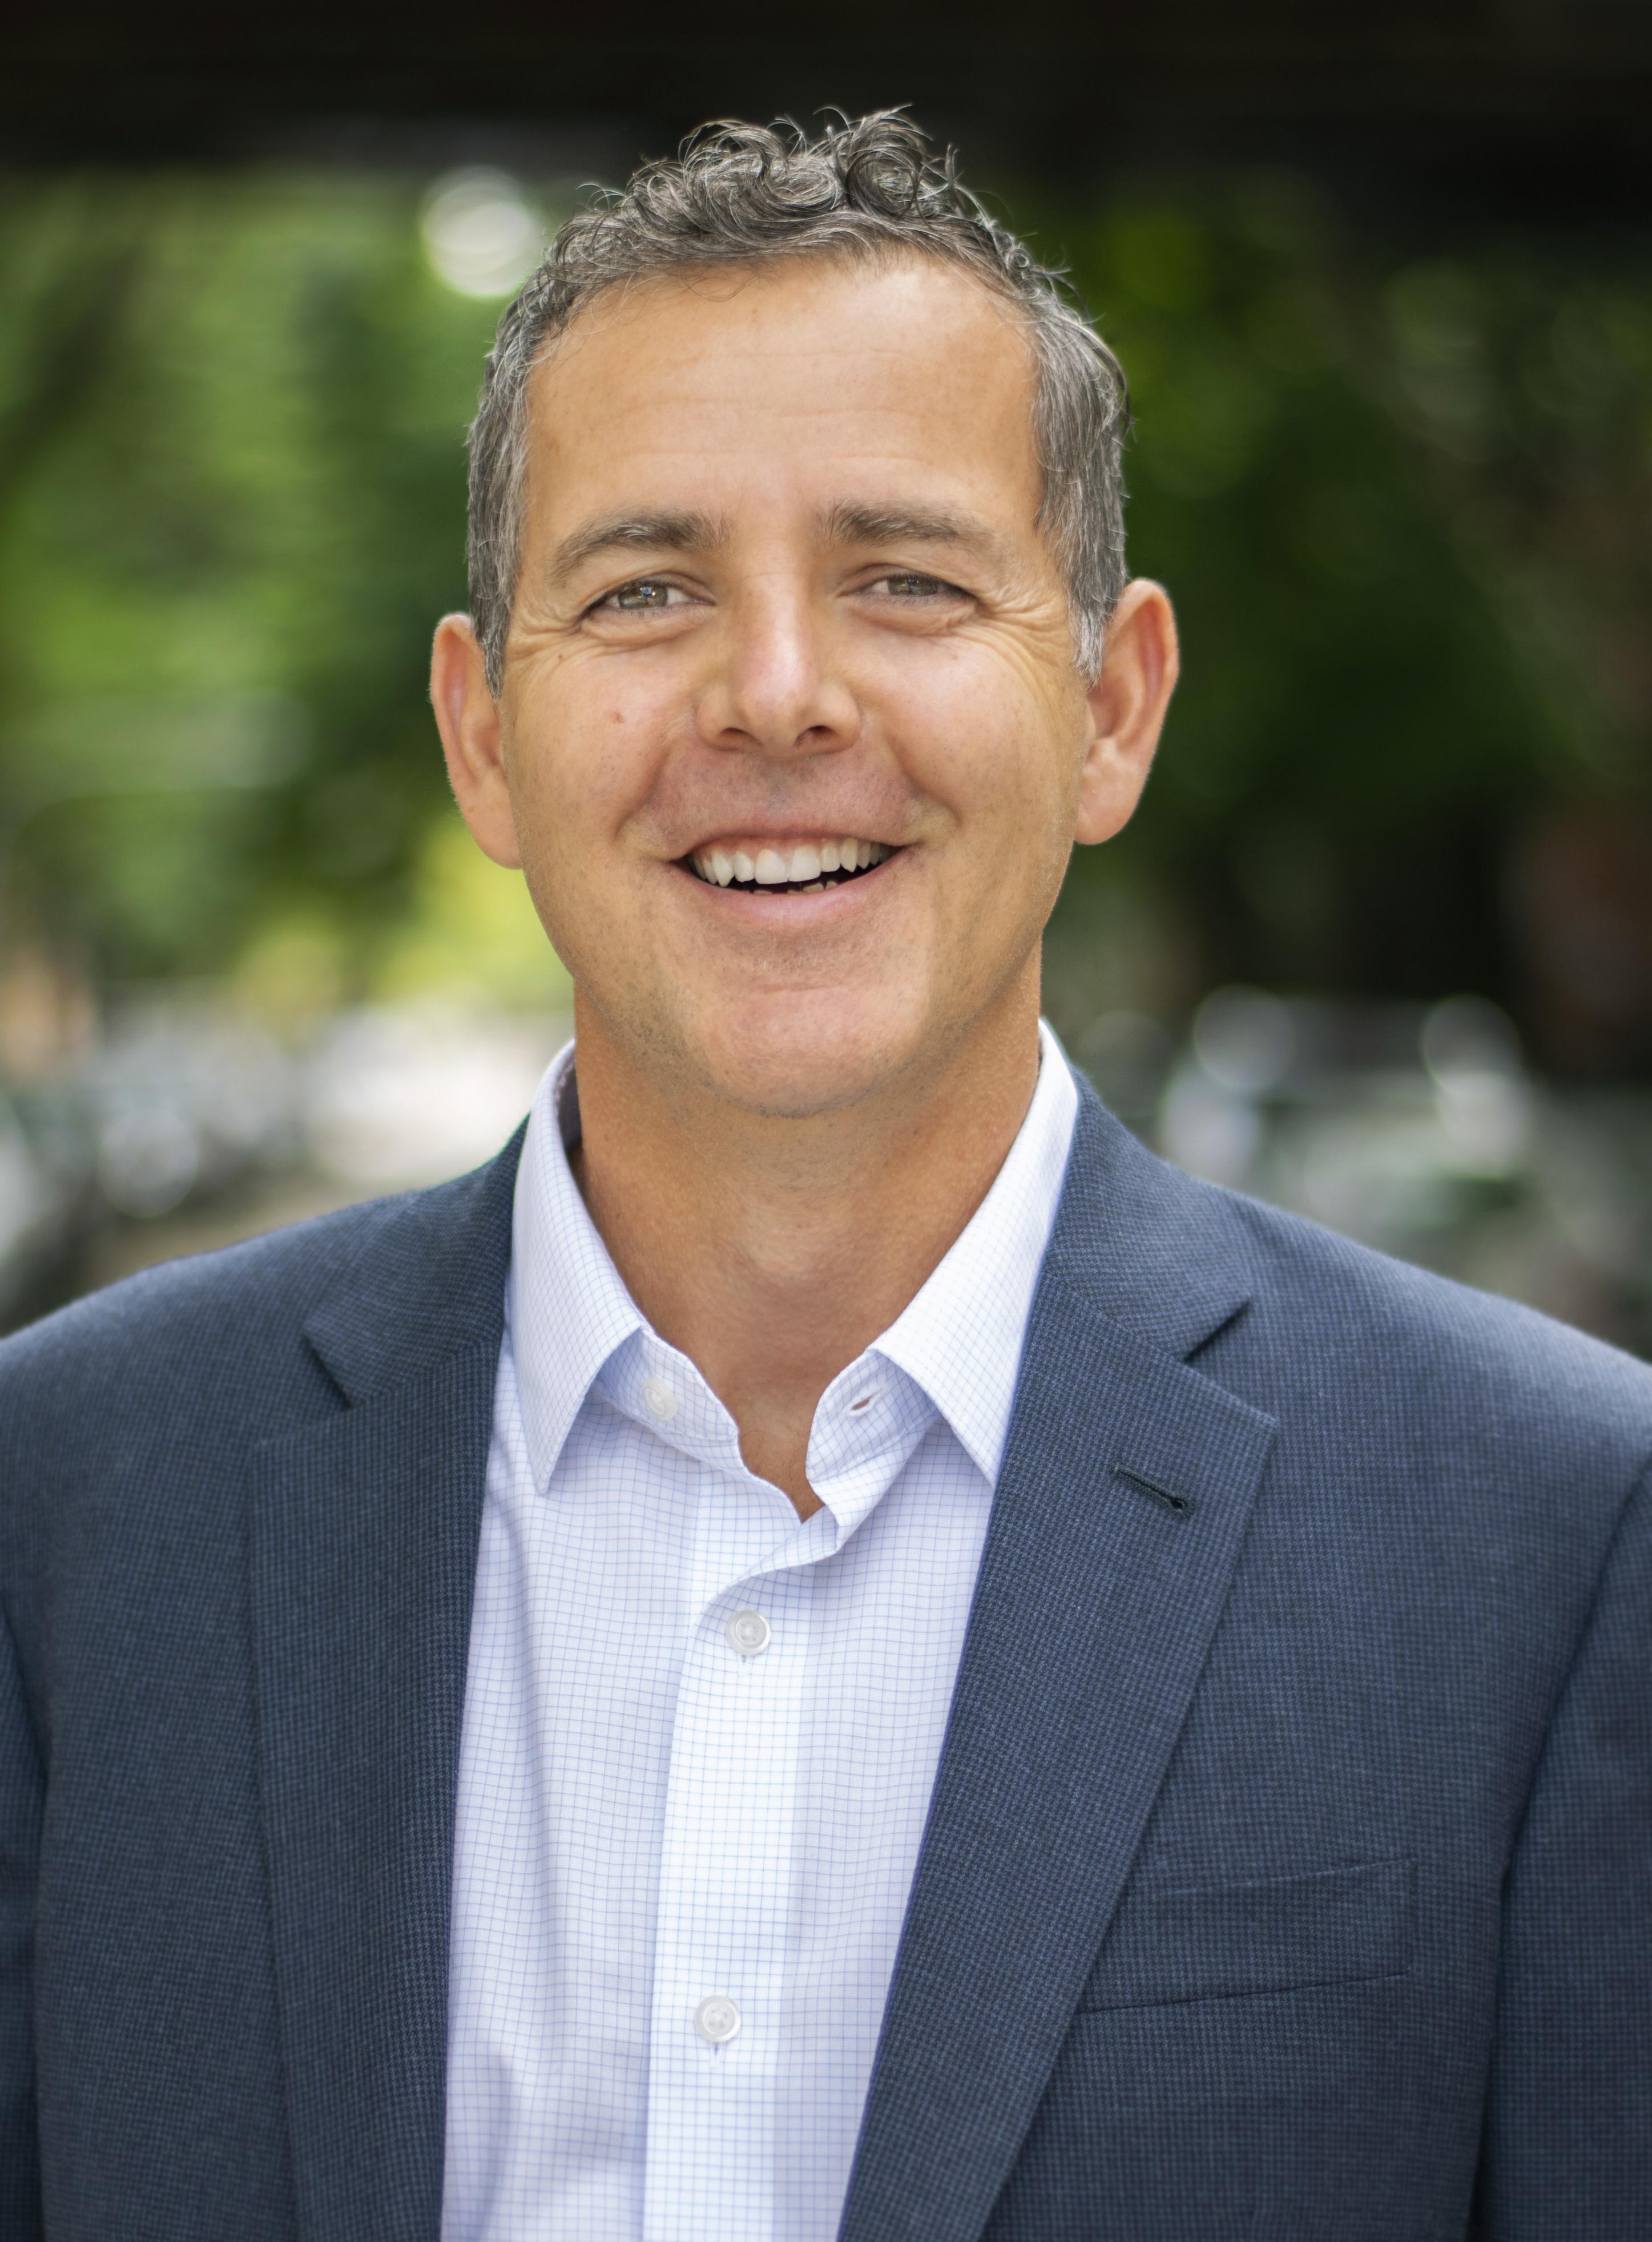 Matt Leutheuser